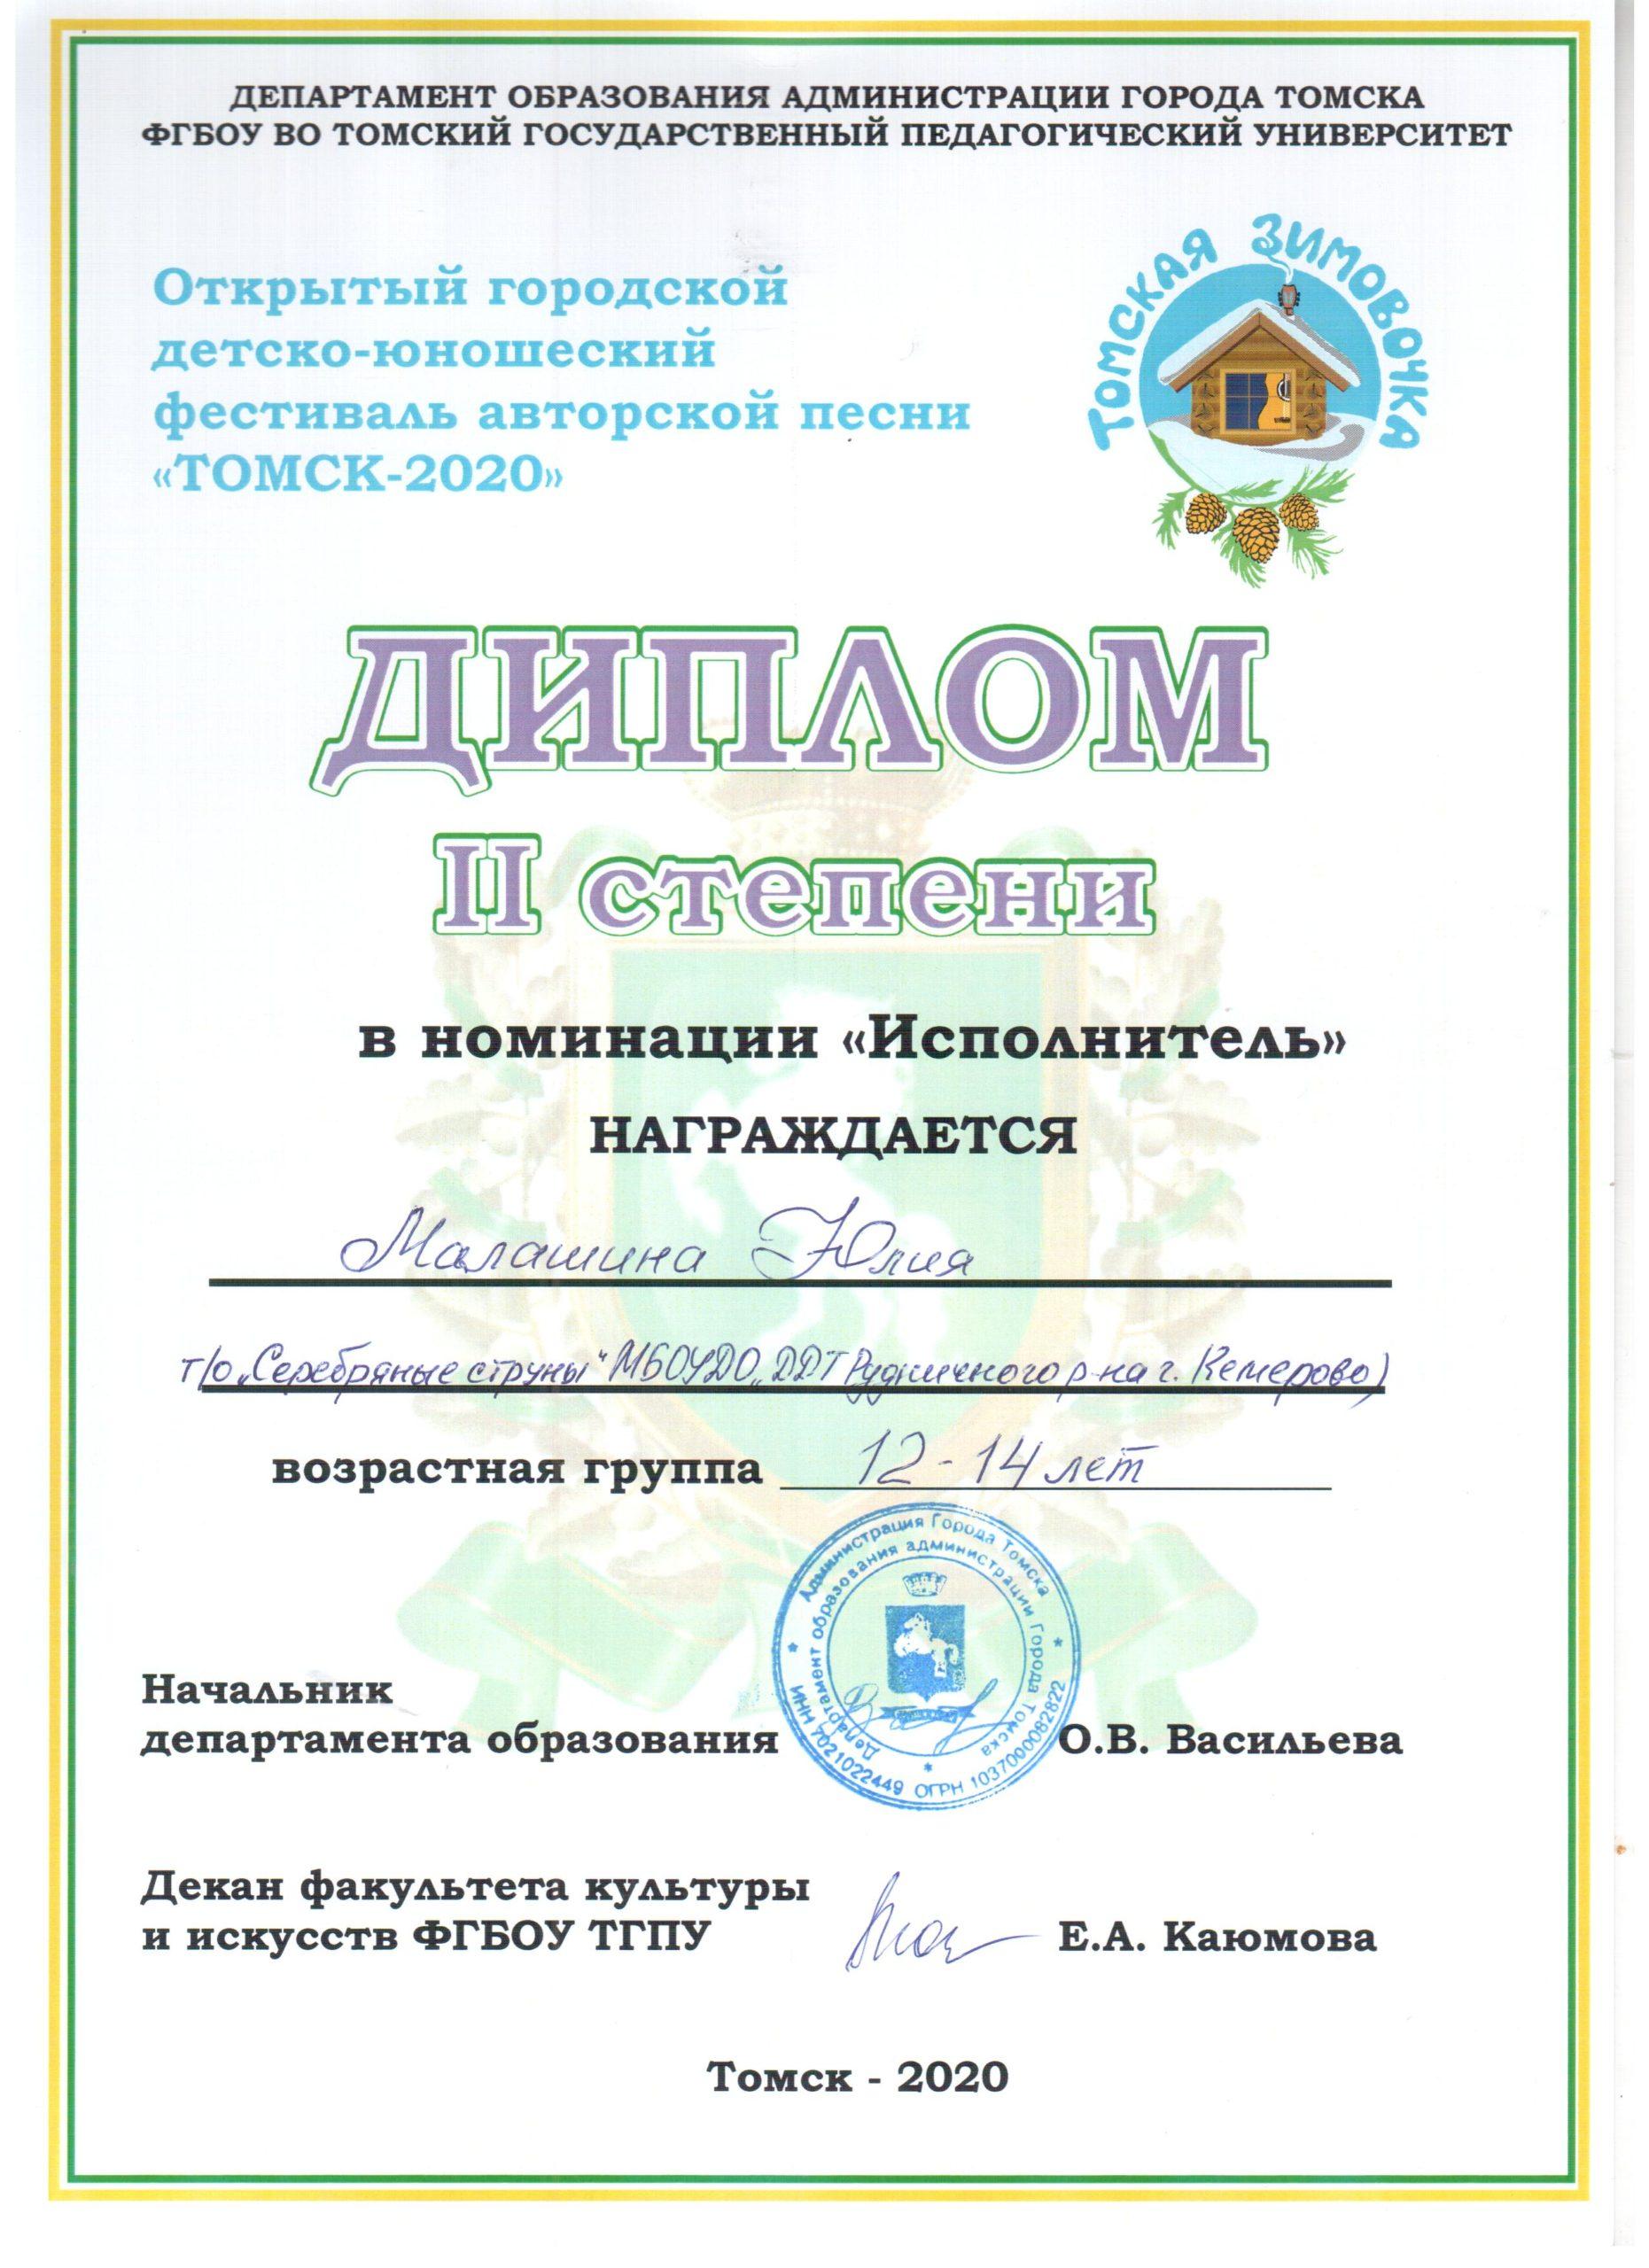 томск-2020 (3)